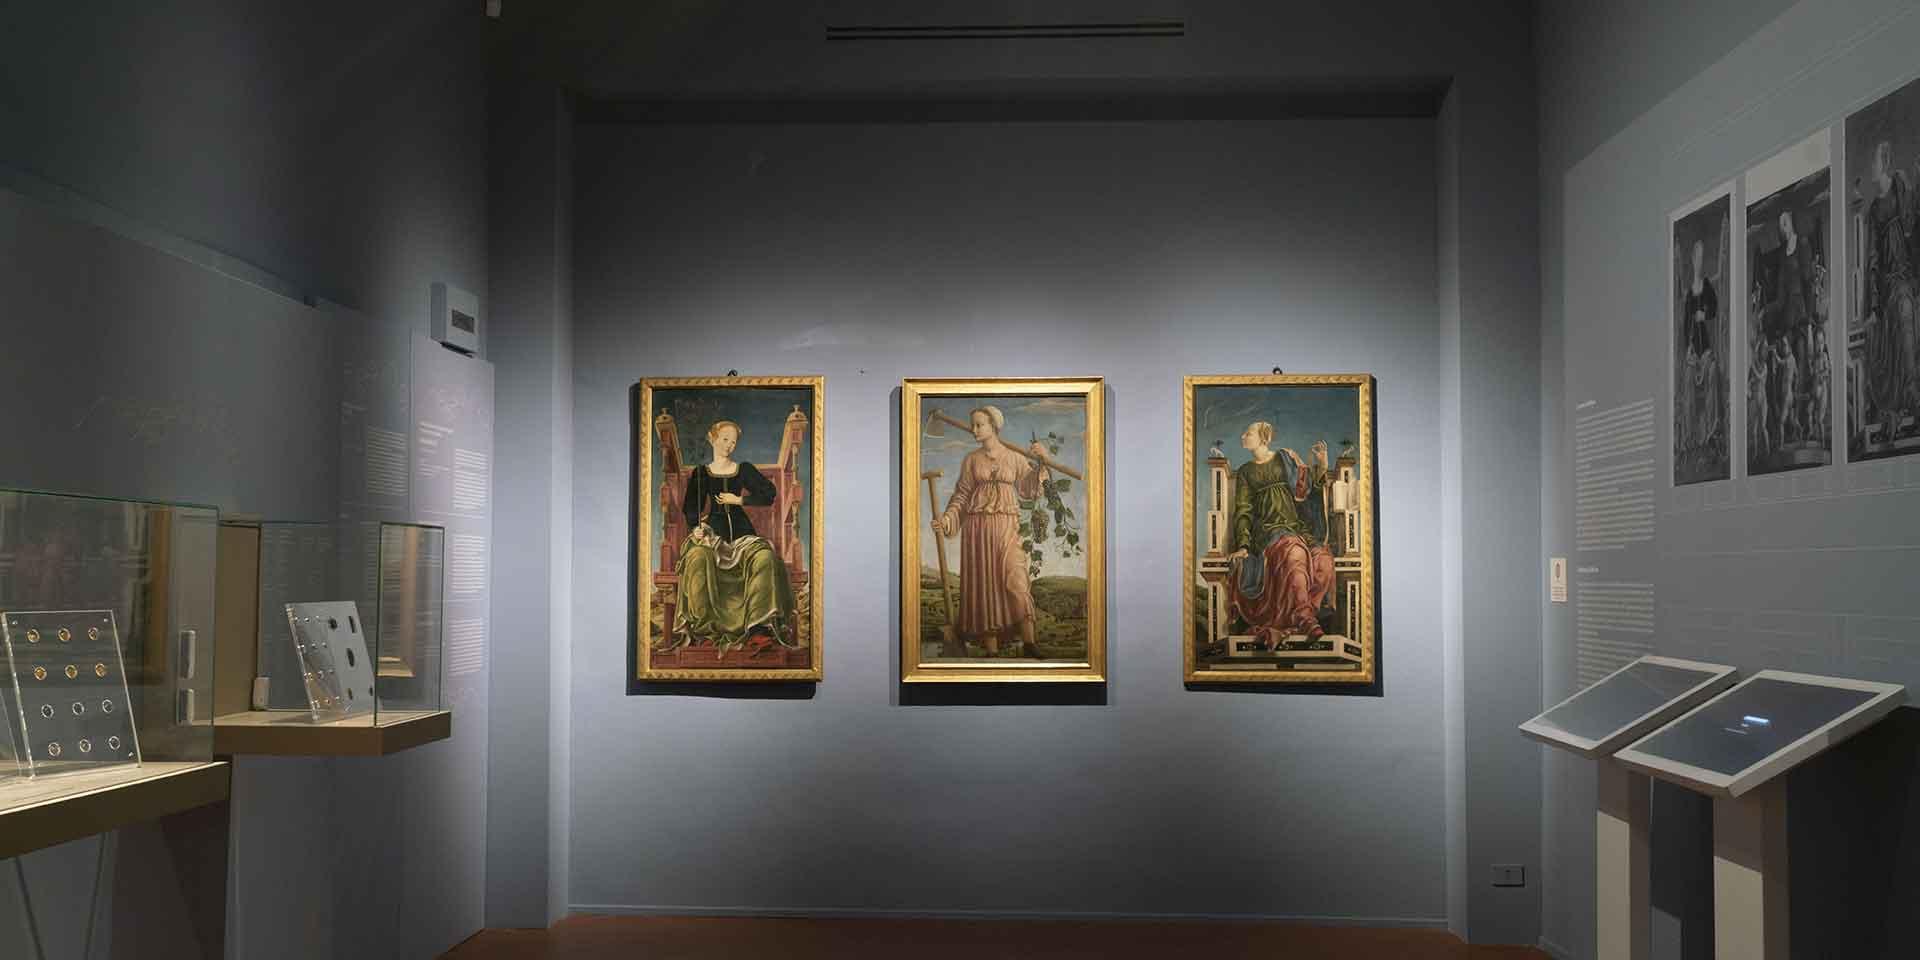 pinanoteca nazionale Ferrara